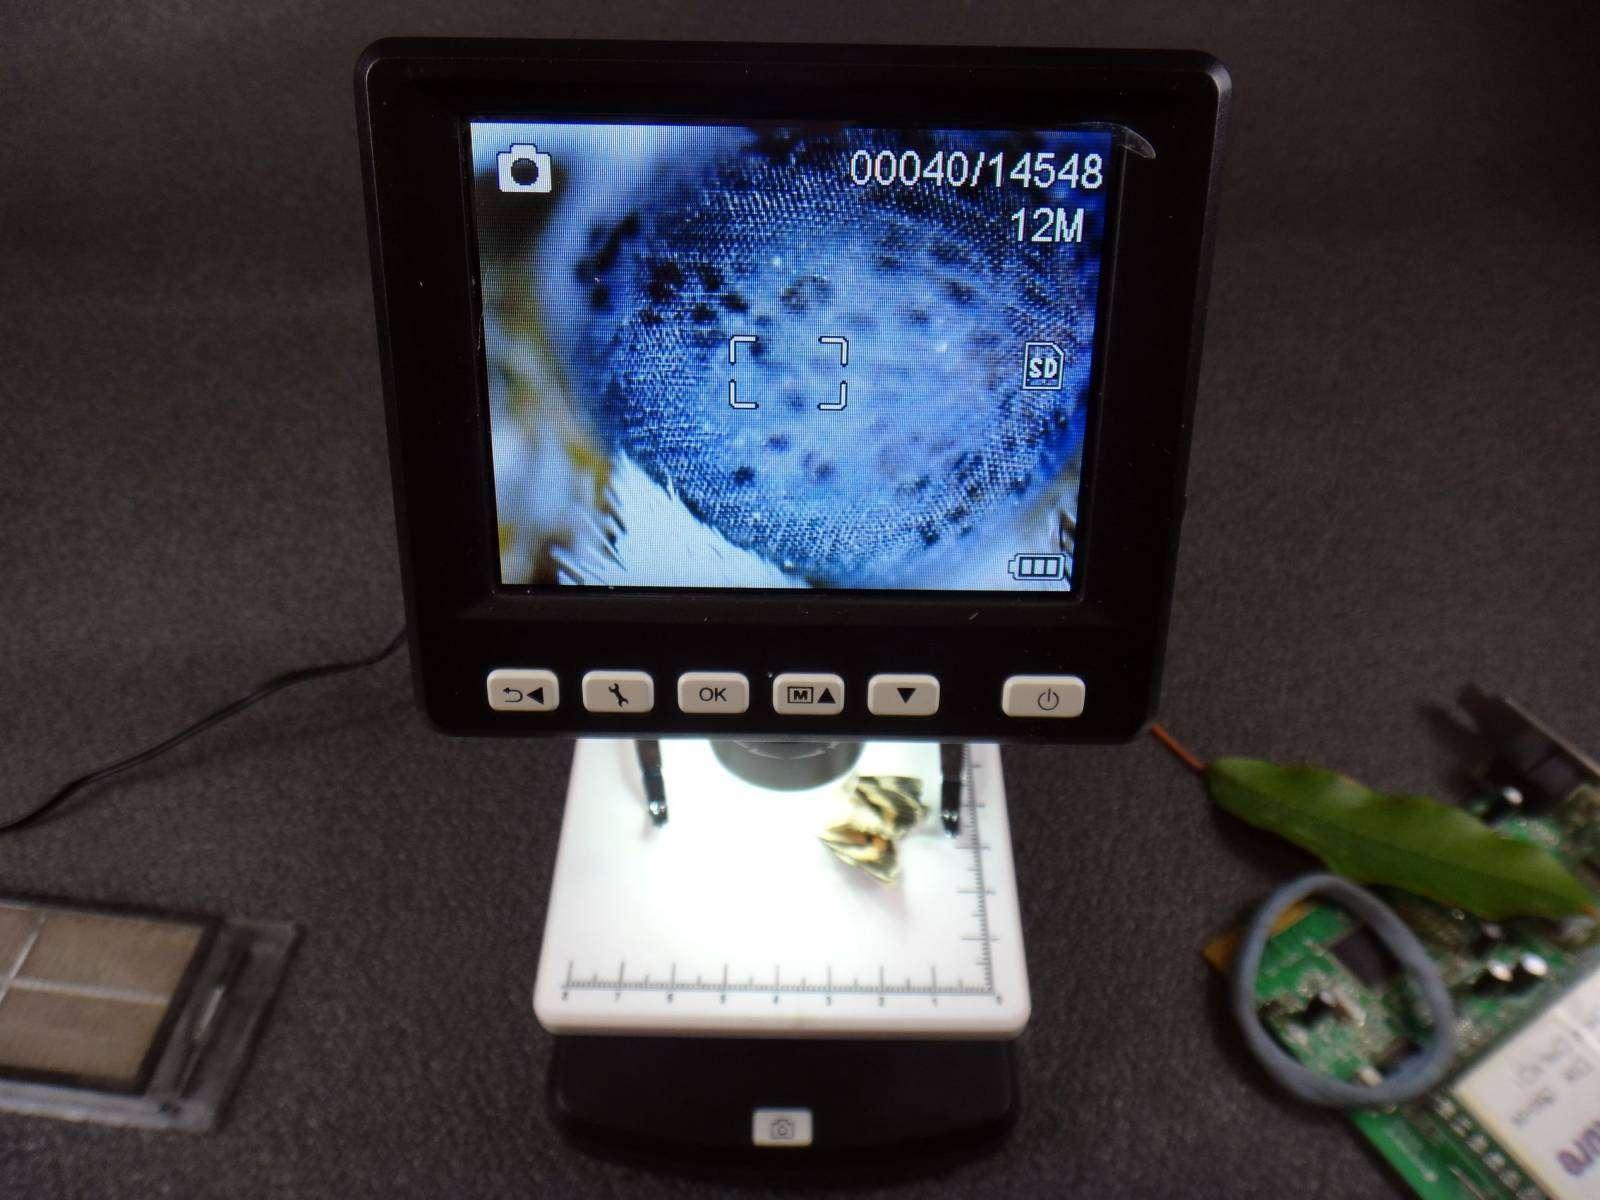 GearBest: Электронный микроскоп UM038 с 5 мп камерой и LED дисплеем